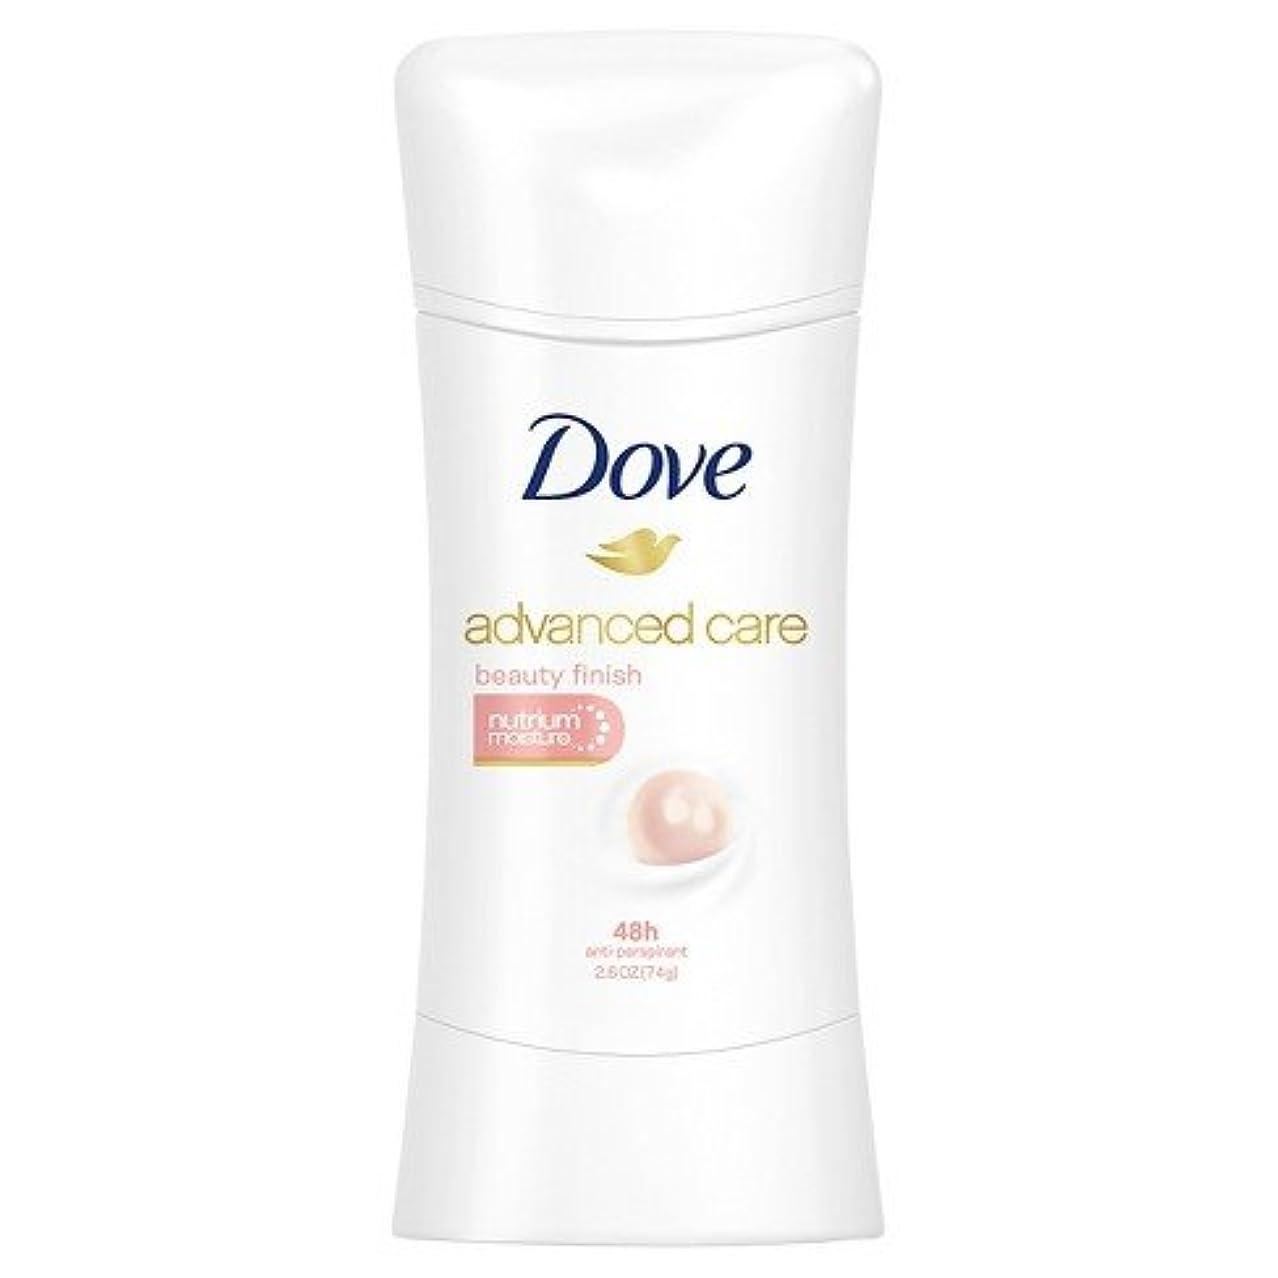 送った弾丸発動機Dove Advanced Care Beauty Finish Antiperspirant Deodorant 2.6 oz ダブ アドバンスドケア ビューティーフィニッシュ デオドラント 74g [並行輸入品]